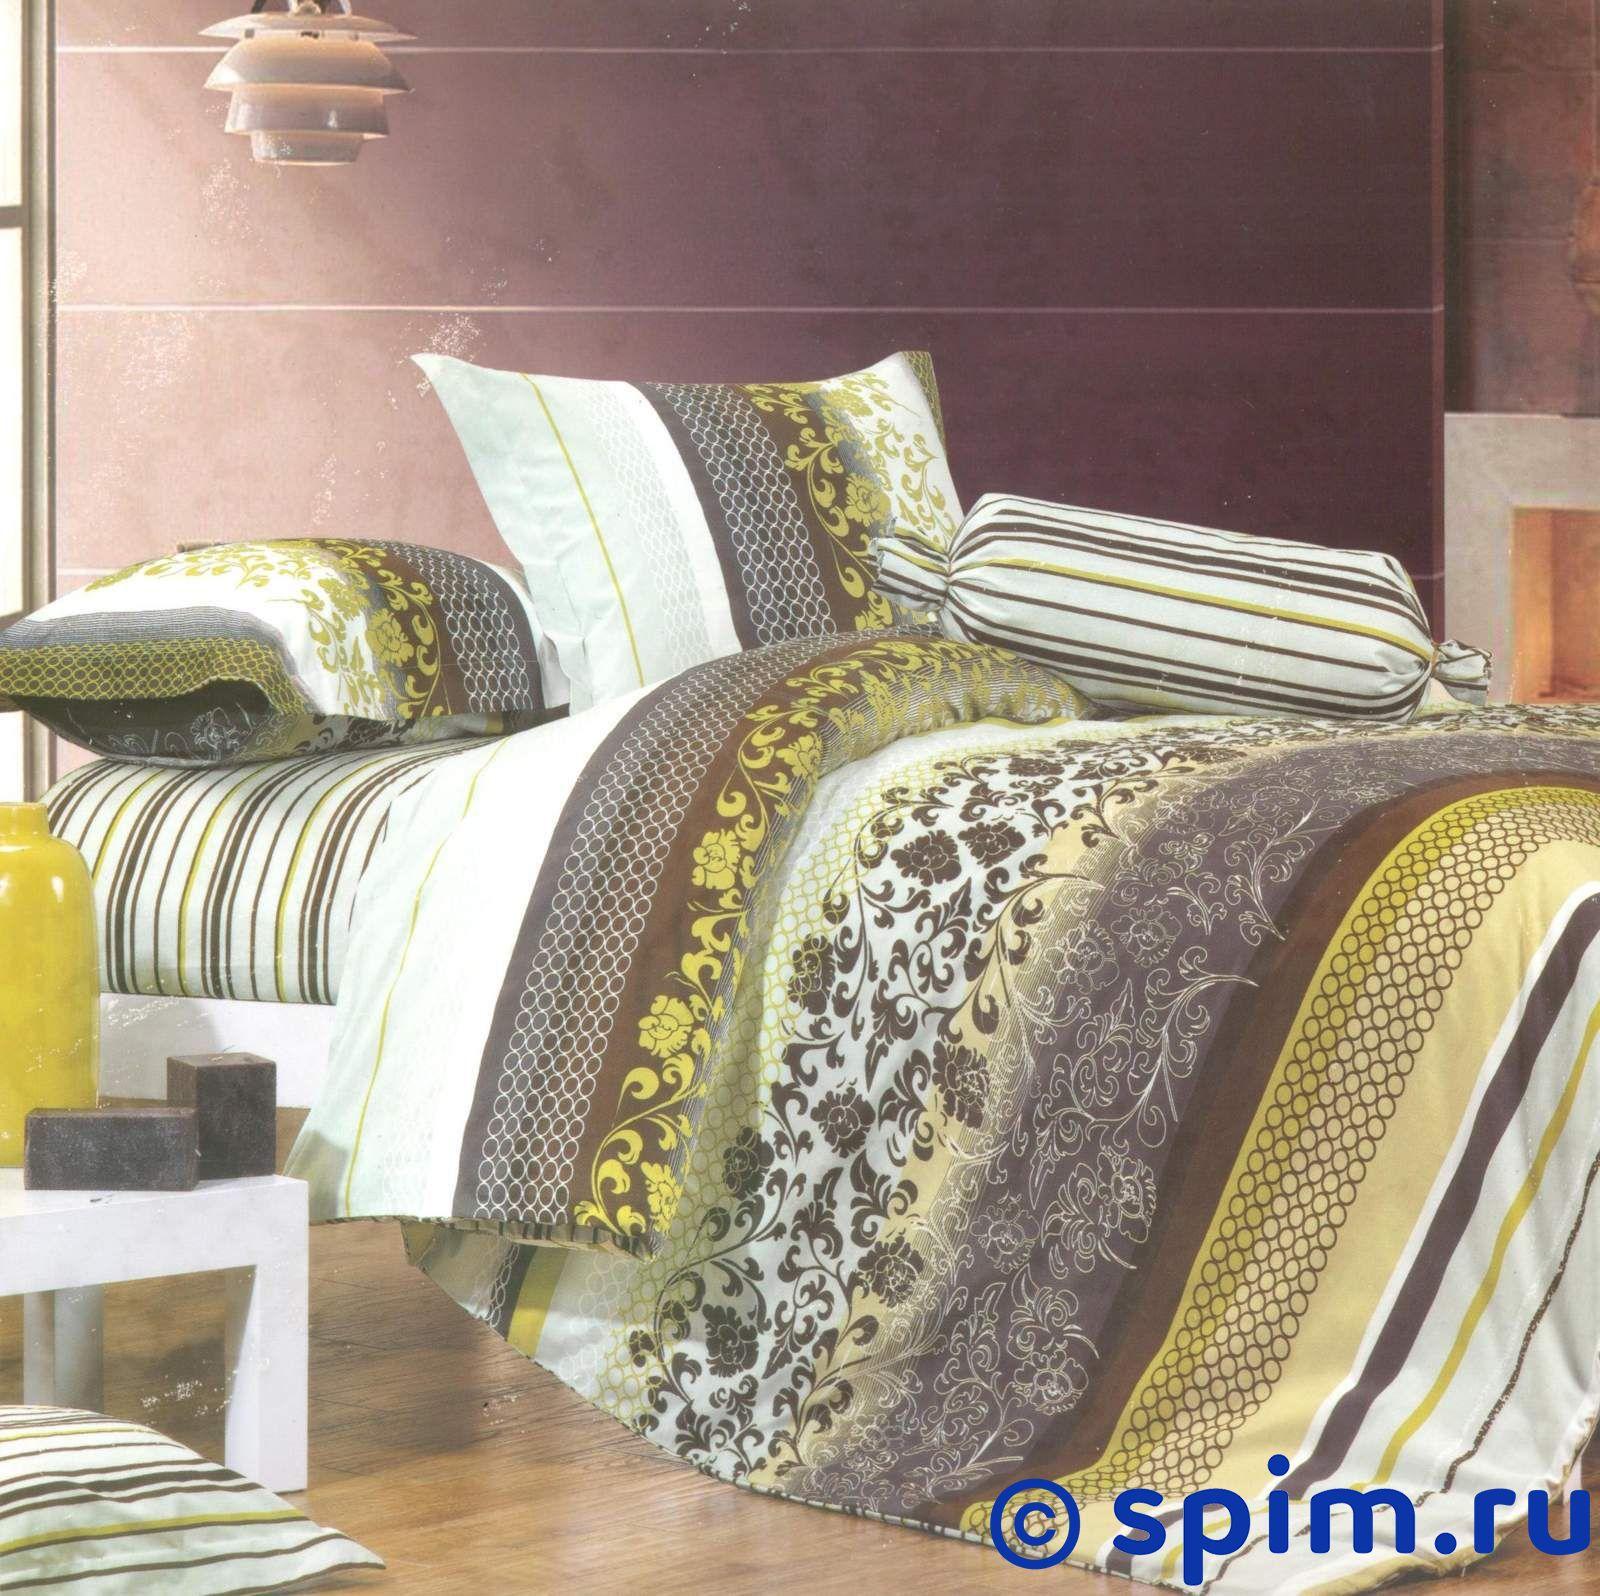 Комплект СайлиД В80 1.5 спальное